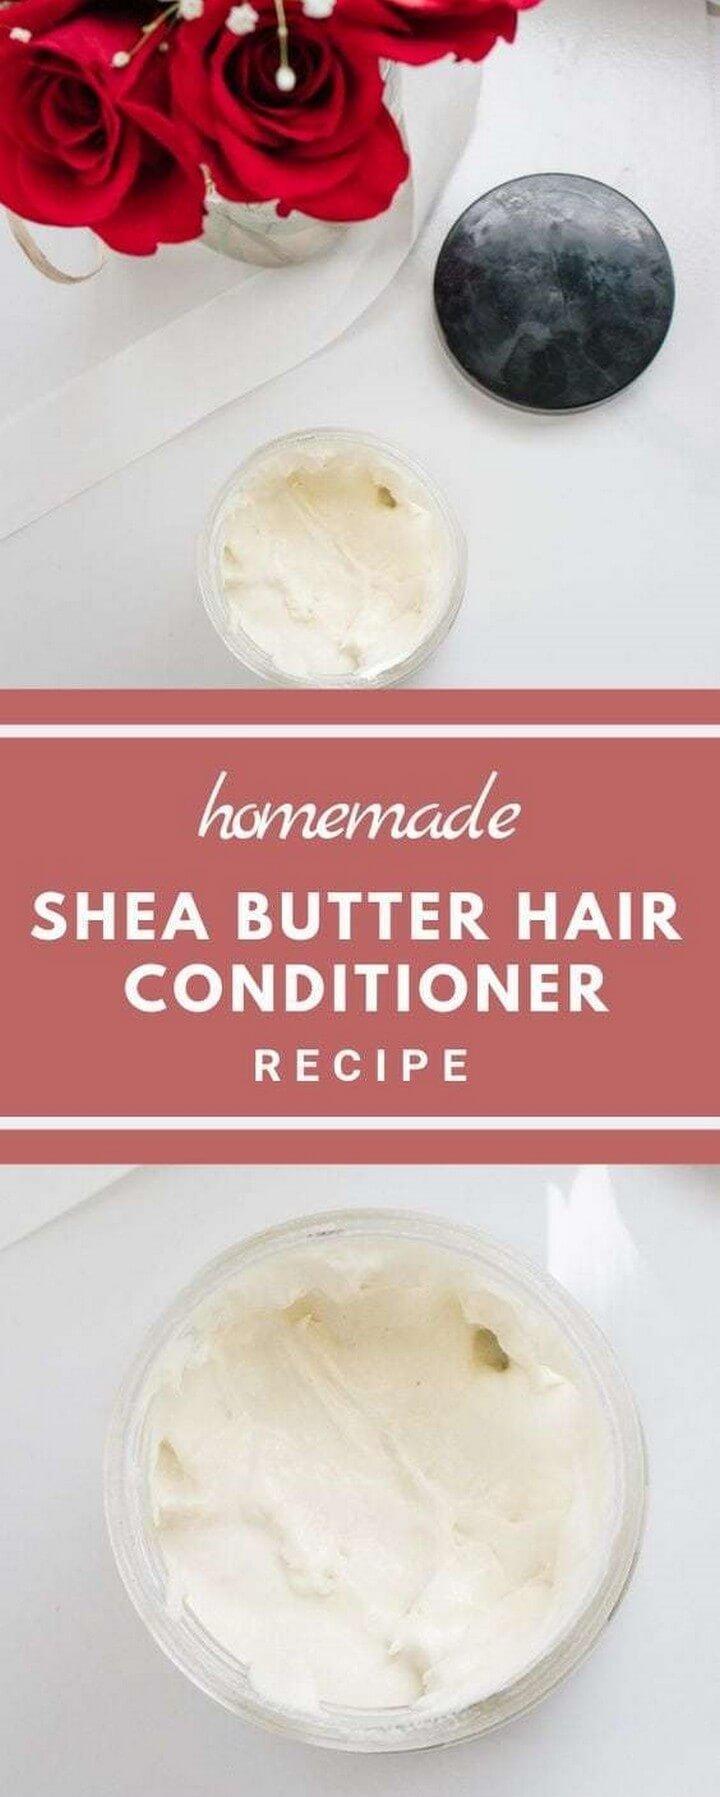 DIY Shea Butter Hair Conditioner Recipe, shea butter recipes, shea butte, shea butter recipes for hair, shea butter recipes for skin, shea butter recipes for hair and skin, shea butter recipes for natural hair, shea butter recipes body shop, shea butter recipes for body, shea butter recipes food, shea butter recipes for face, shea butter recipes with essential oils, shea butter recipes for psoriasis, shea butter recipes for glowing skin, shea butter recipes for dry skin, shea butter recipes for locs, shea butter recipes for babies, shea butter recipes for face creams, shea butter recipes for skin care, shea butter recipes for eczema, shea butter recipes for hair growth, shea butter recipes for stretch marks, shea butter recipes for acne, shea butter recipes anti aging, african shea butter recipes, shea butter soap recipes melt and pour, dr axe shea butter recipes, recipes for shea butter and essential oils, shea and cocoa butter recipes for skin, raw african shea butter recipes, shea butter melt and pour recipes, shea butter and almond oil recipes for hair, shea butter and coconut oil recipes, shea butter recipe book, shea butter beauty recipes, shea butter balm recipe, shea butter beard recipe, shea butter bar recipe, shea butter beeswax recipe, shea butter homemade lip balm, shea butter soap base recipes, shea butter lip balm recipes, shea butter lotion bar recipes, shea butter lip balm recipe without beeswax, shea butter bath bomb recipe, body butter recipe shea, shea butter body balm recipe, shea butter shampoo bar recipe, shea butter beard balm recipe, shea butter lip balm recipe without wax, shea butter body bar recipe, shea butter homemade cream, shea butter cooking recipes, shea butter cream recipes, shea butter homemade conditioner, shea butter cosmetic recipes, shea butter conditioner recipe, shea butter chapstick recipe, shea butter candle recipe, shea butter cream recipe for skin, shea butter chocolate recipe, shea butter cleanser recipe, shea butter cre